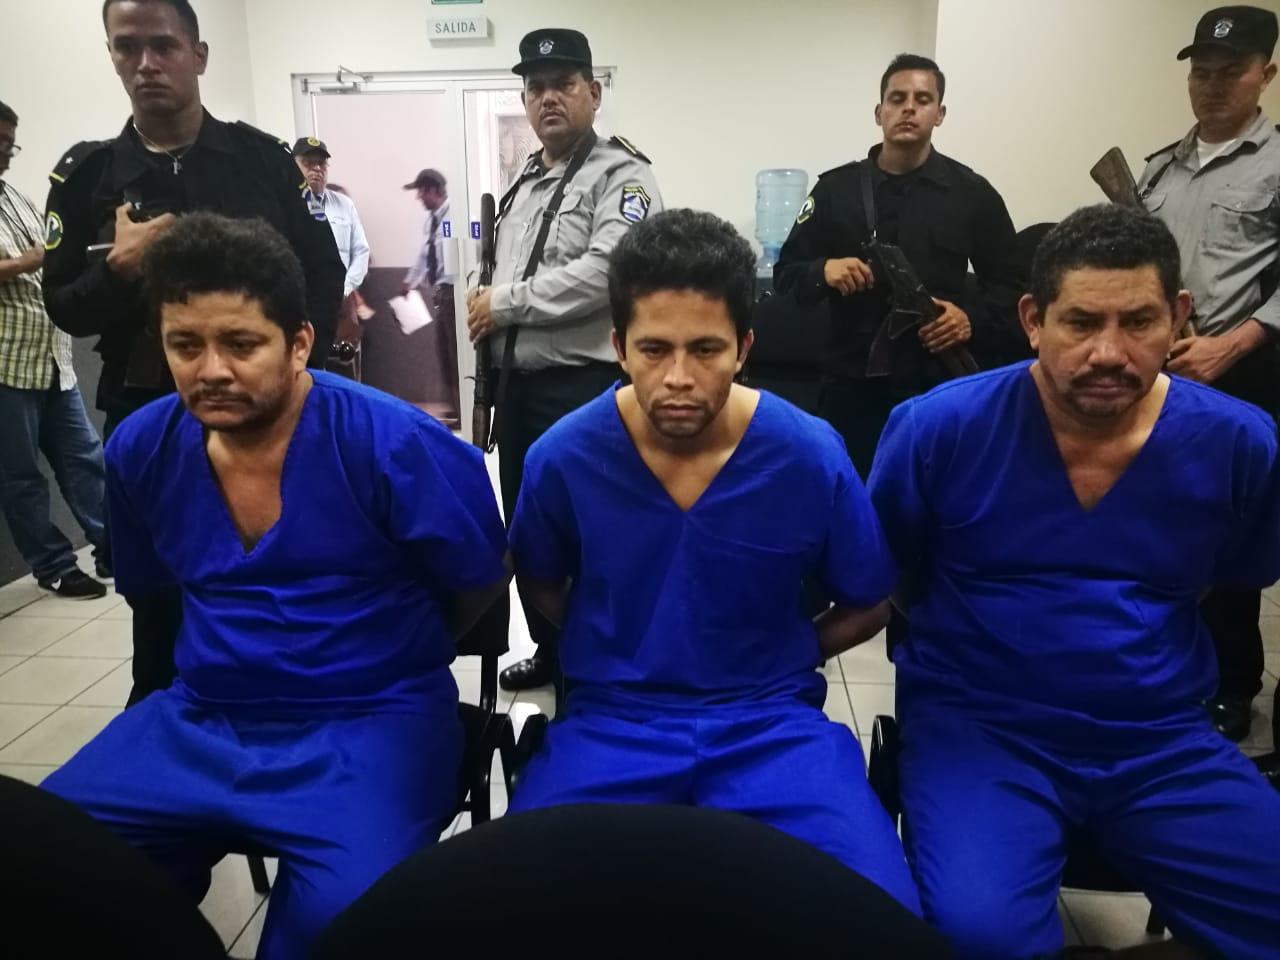 Dictadura de Daniel Ortega tiene en condiciones infrahumanas a los presos políticos